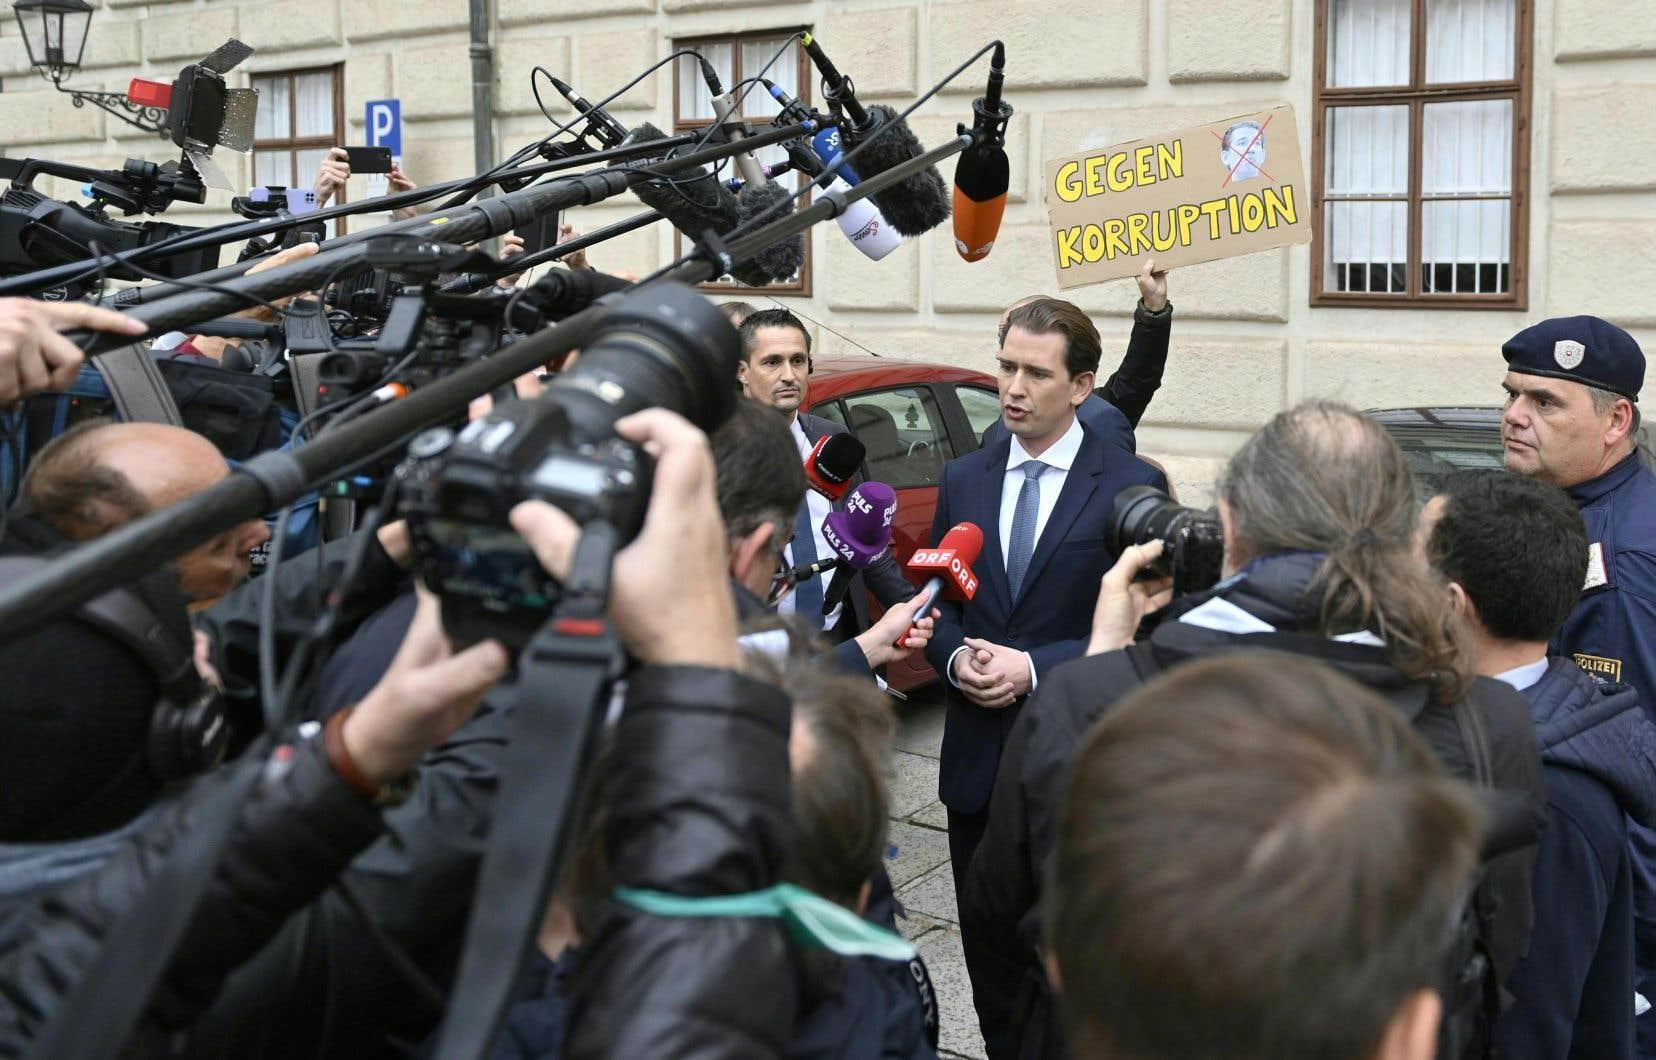 Entré au gouvernement en tant que secrétaire d'État il y a 10ans puis devenu ministre des Affaires étrangères, Sebastian Kurz a une première fois accédé à la chancellerie en décembre 2017.